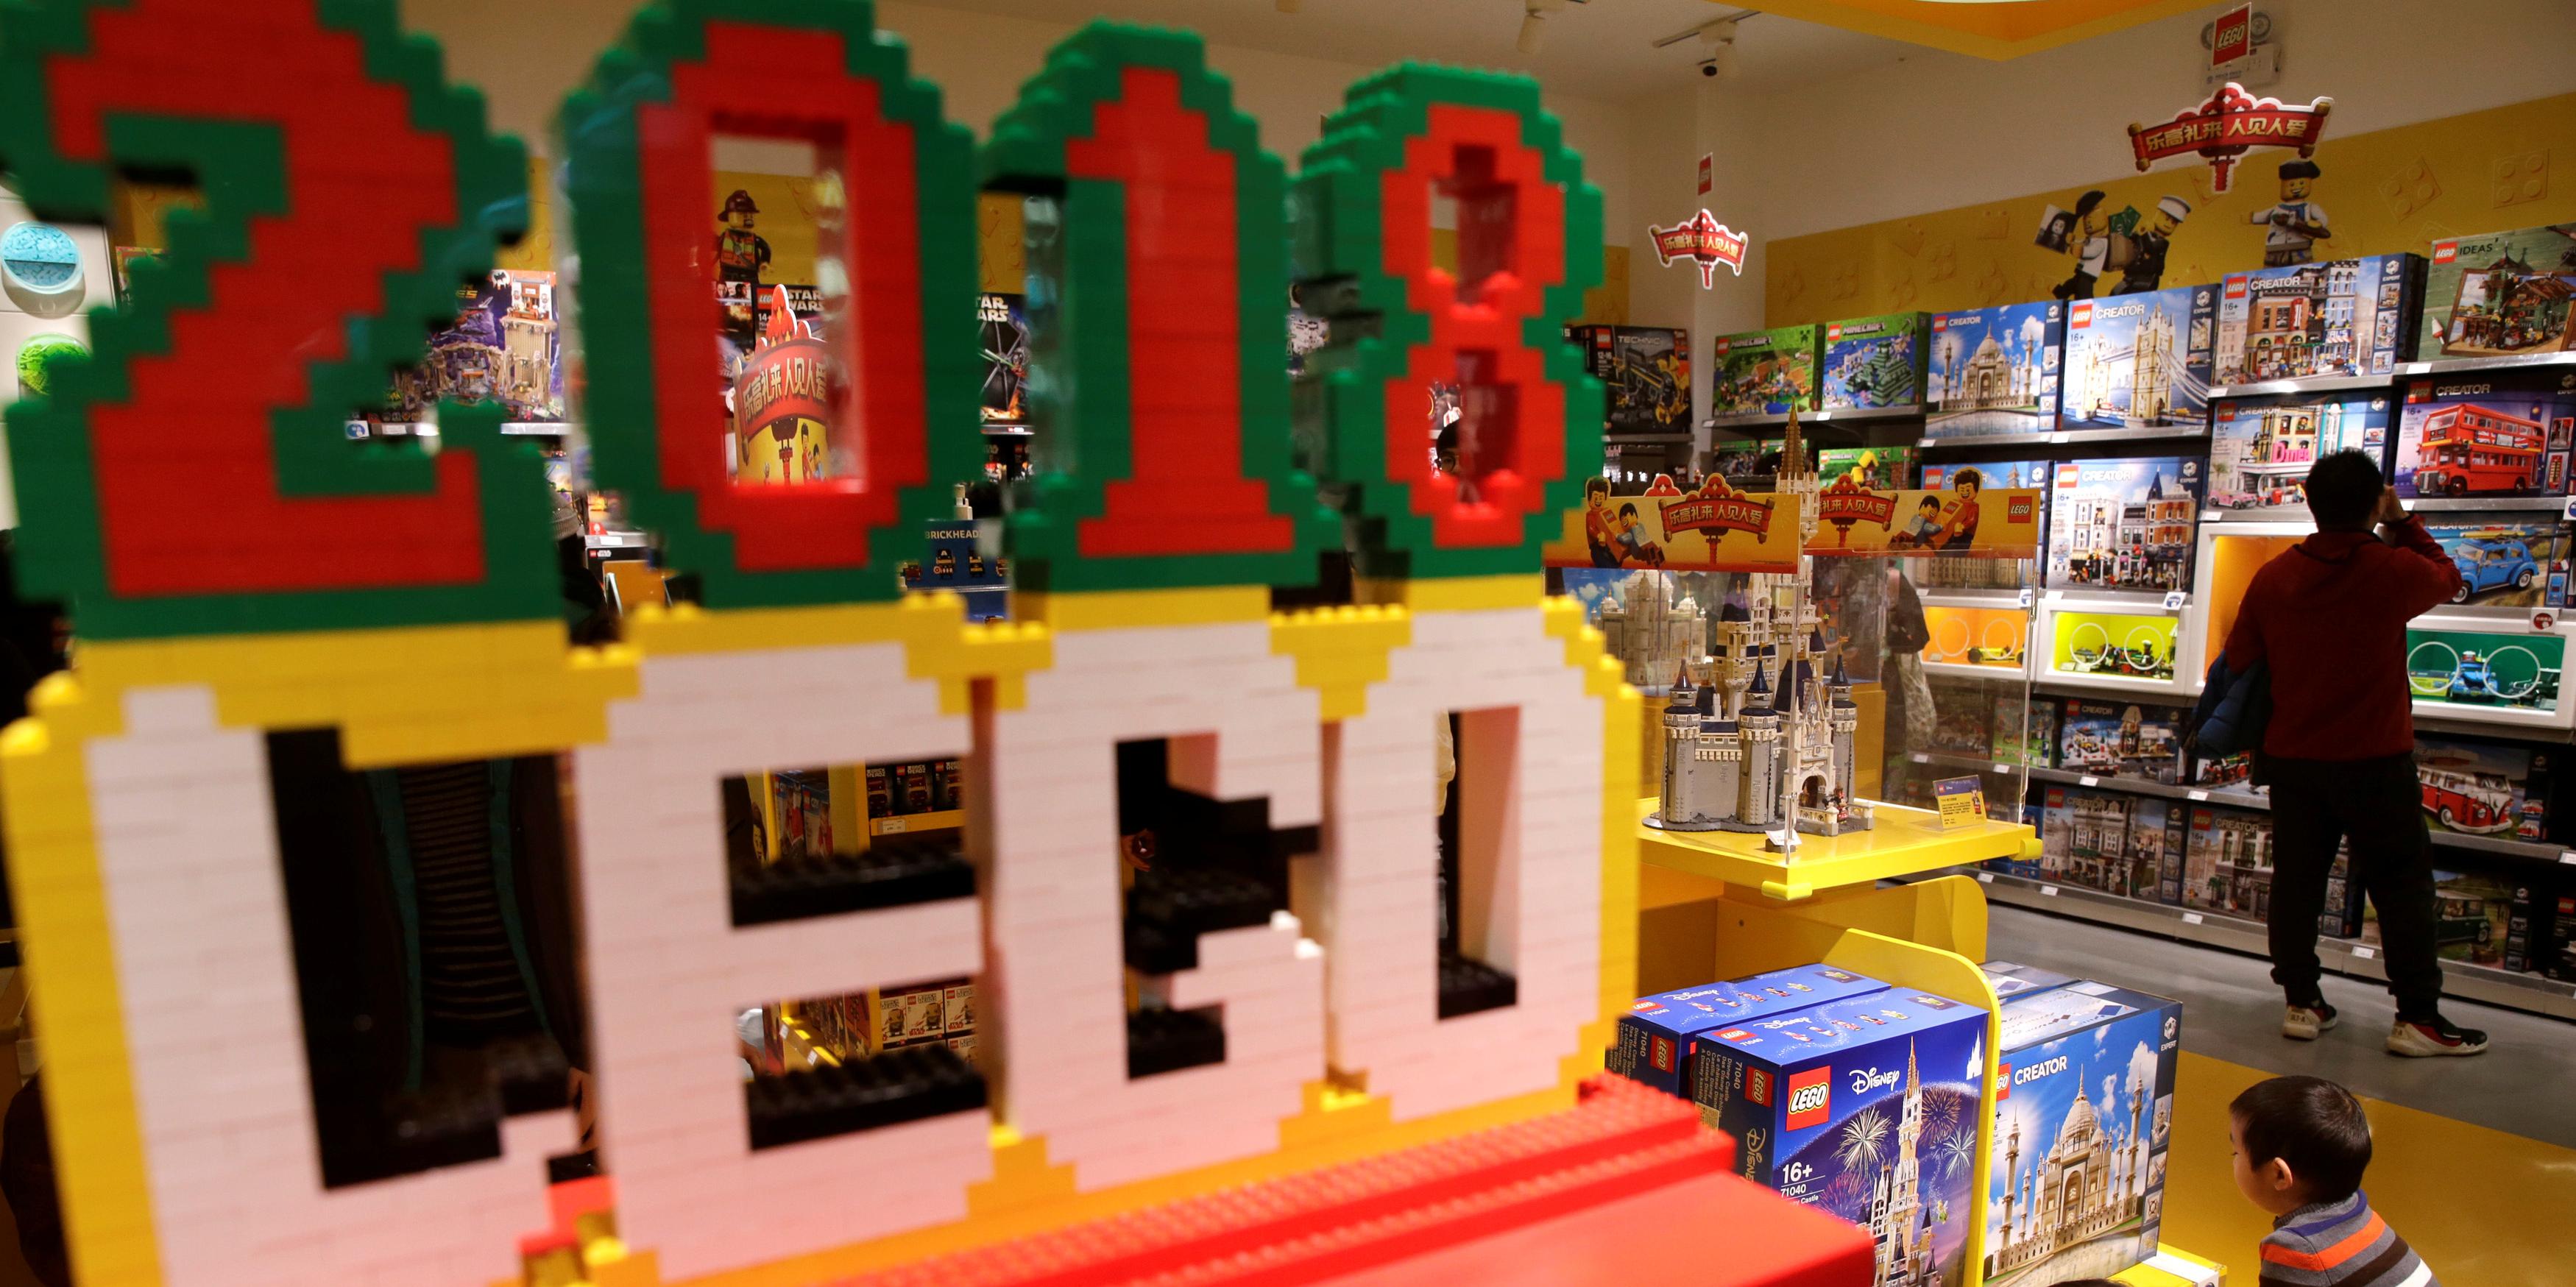 Jeux vidéo : Tencent s'associe à... Lego